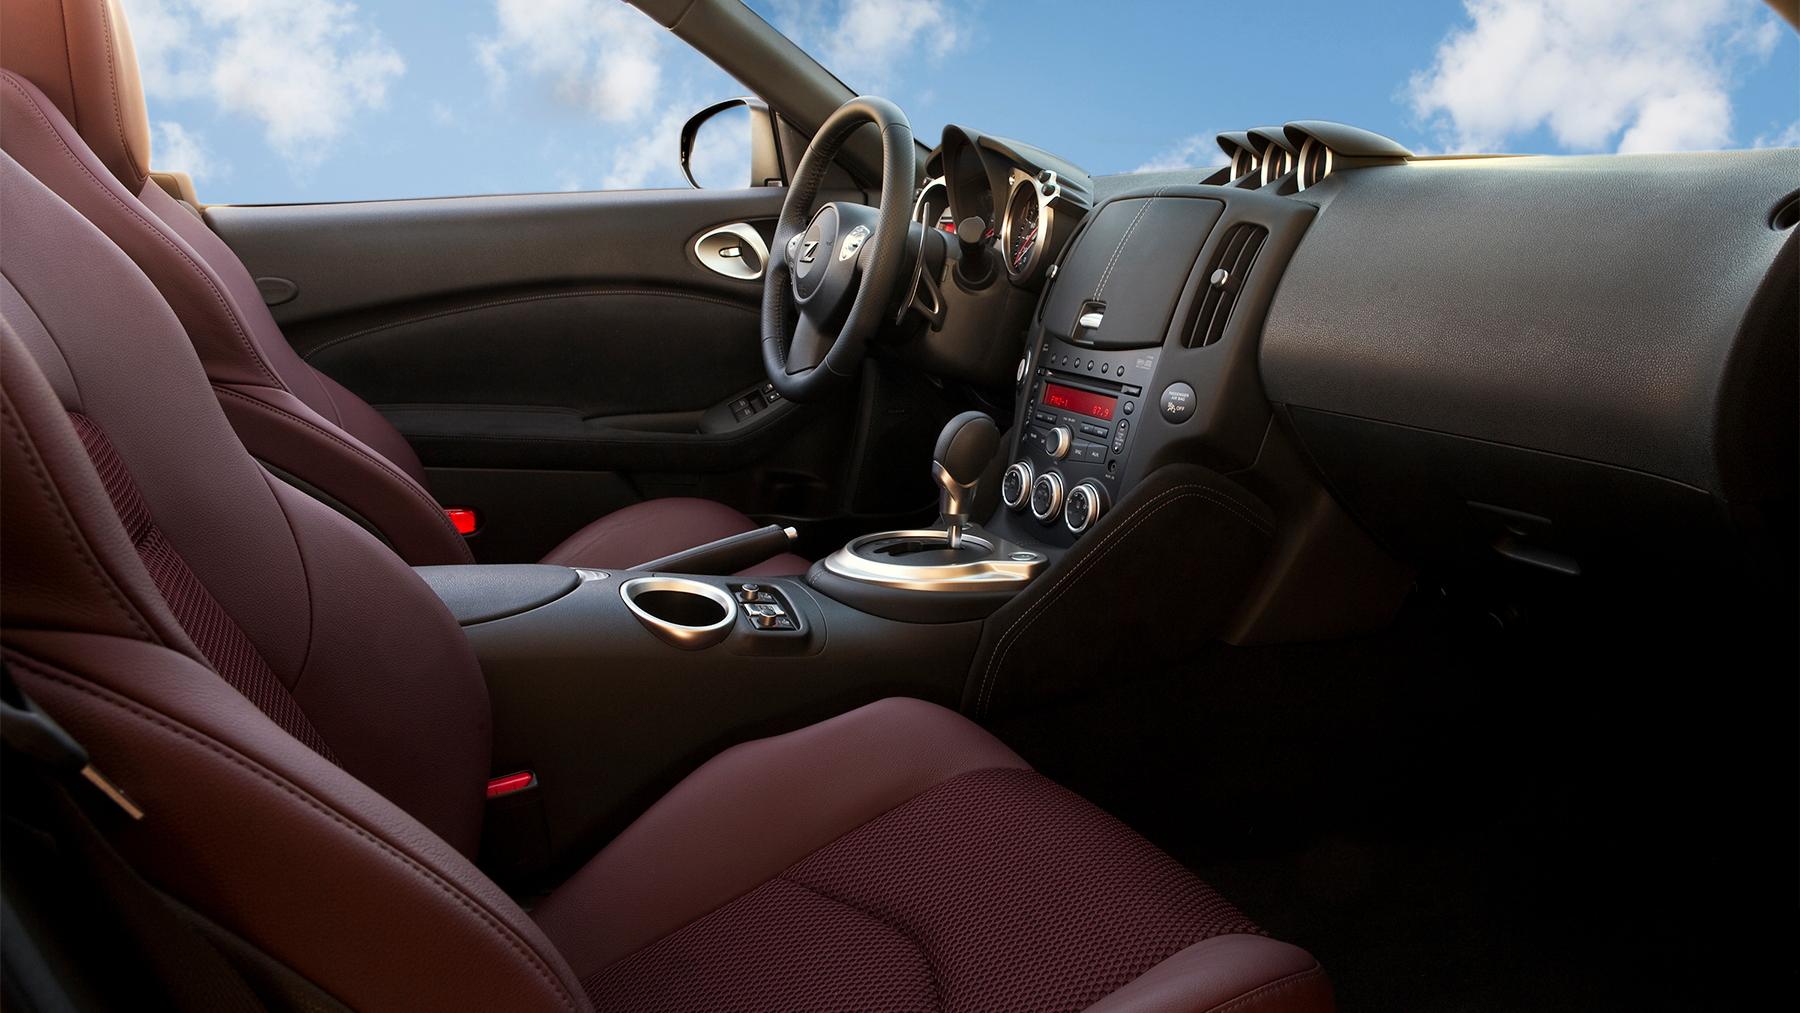 2010 nissan 370z roadster 017